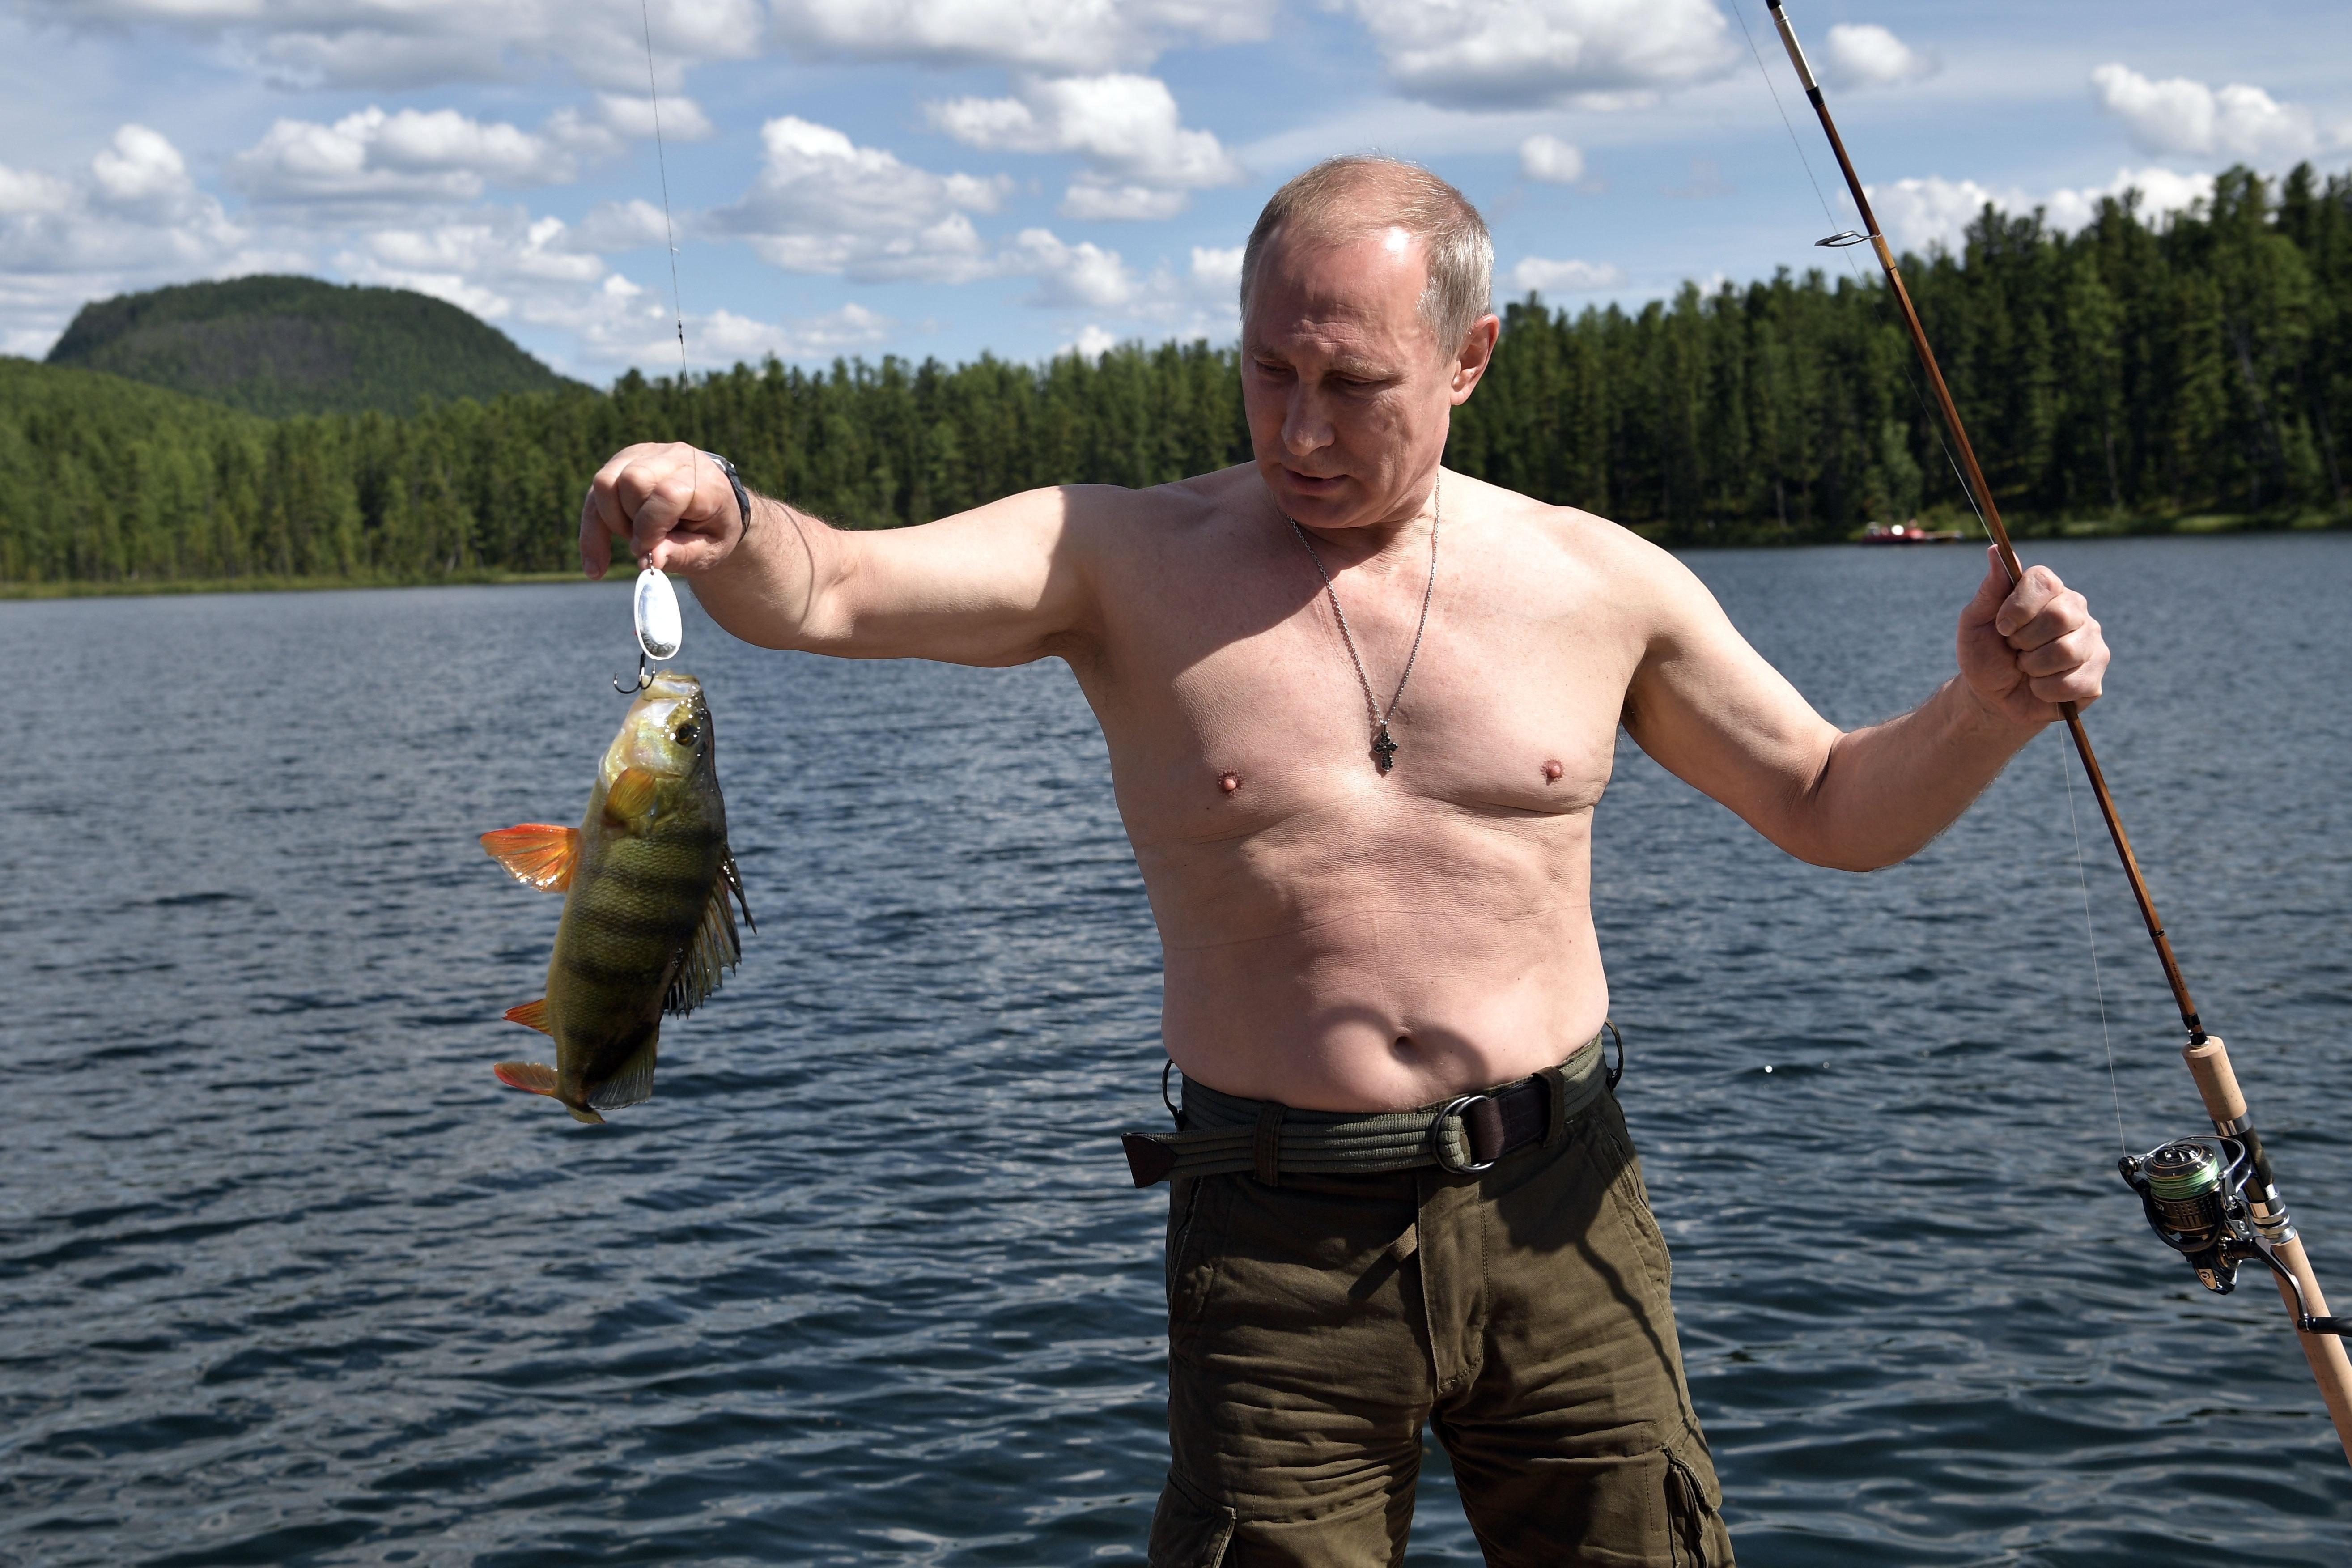 נשיא רוסיה ולדימיר פוטין נופש